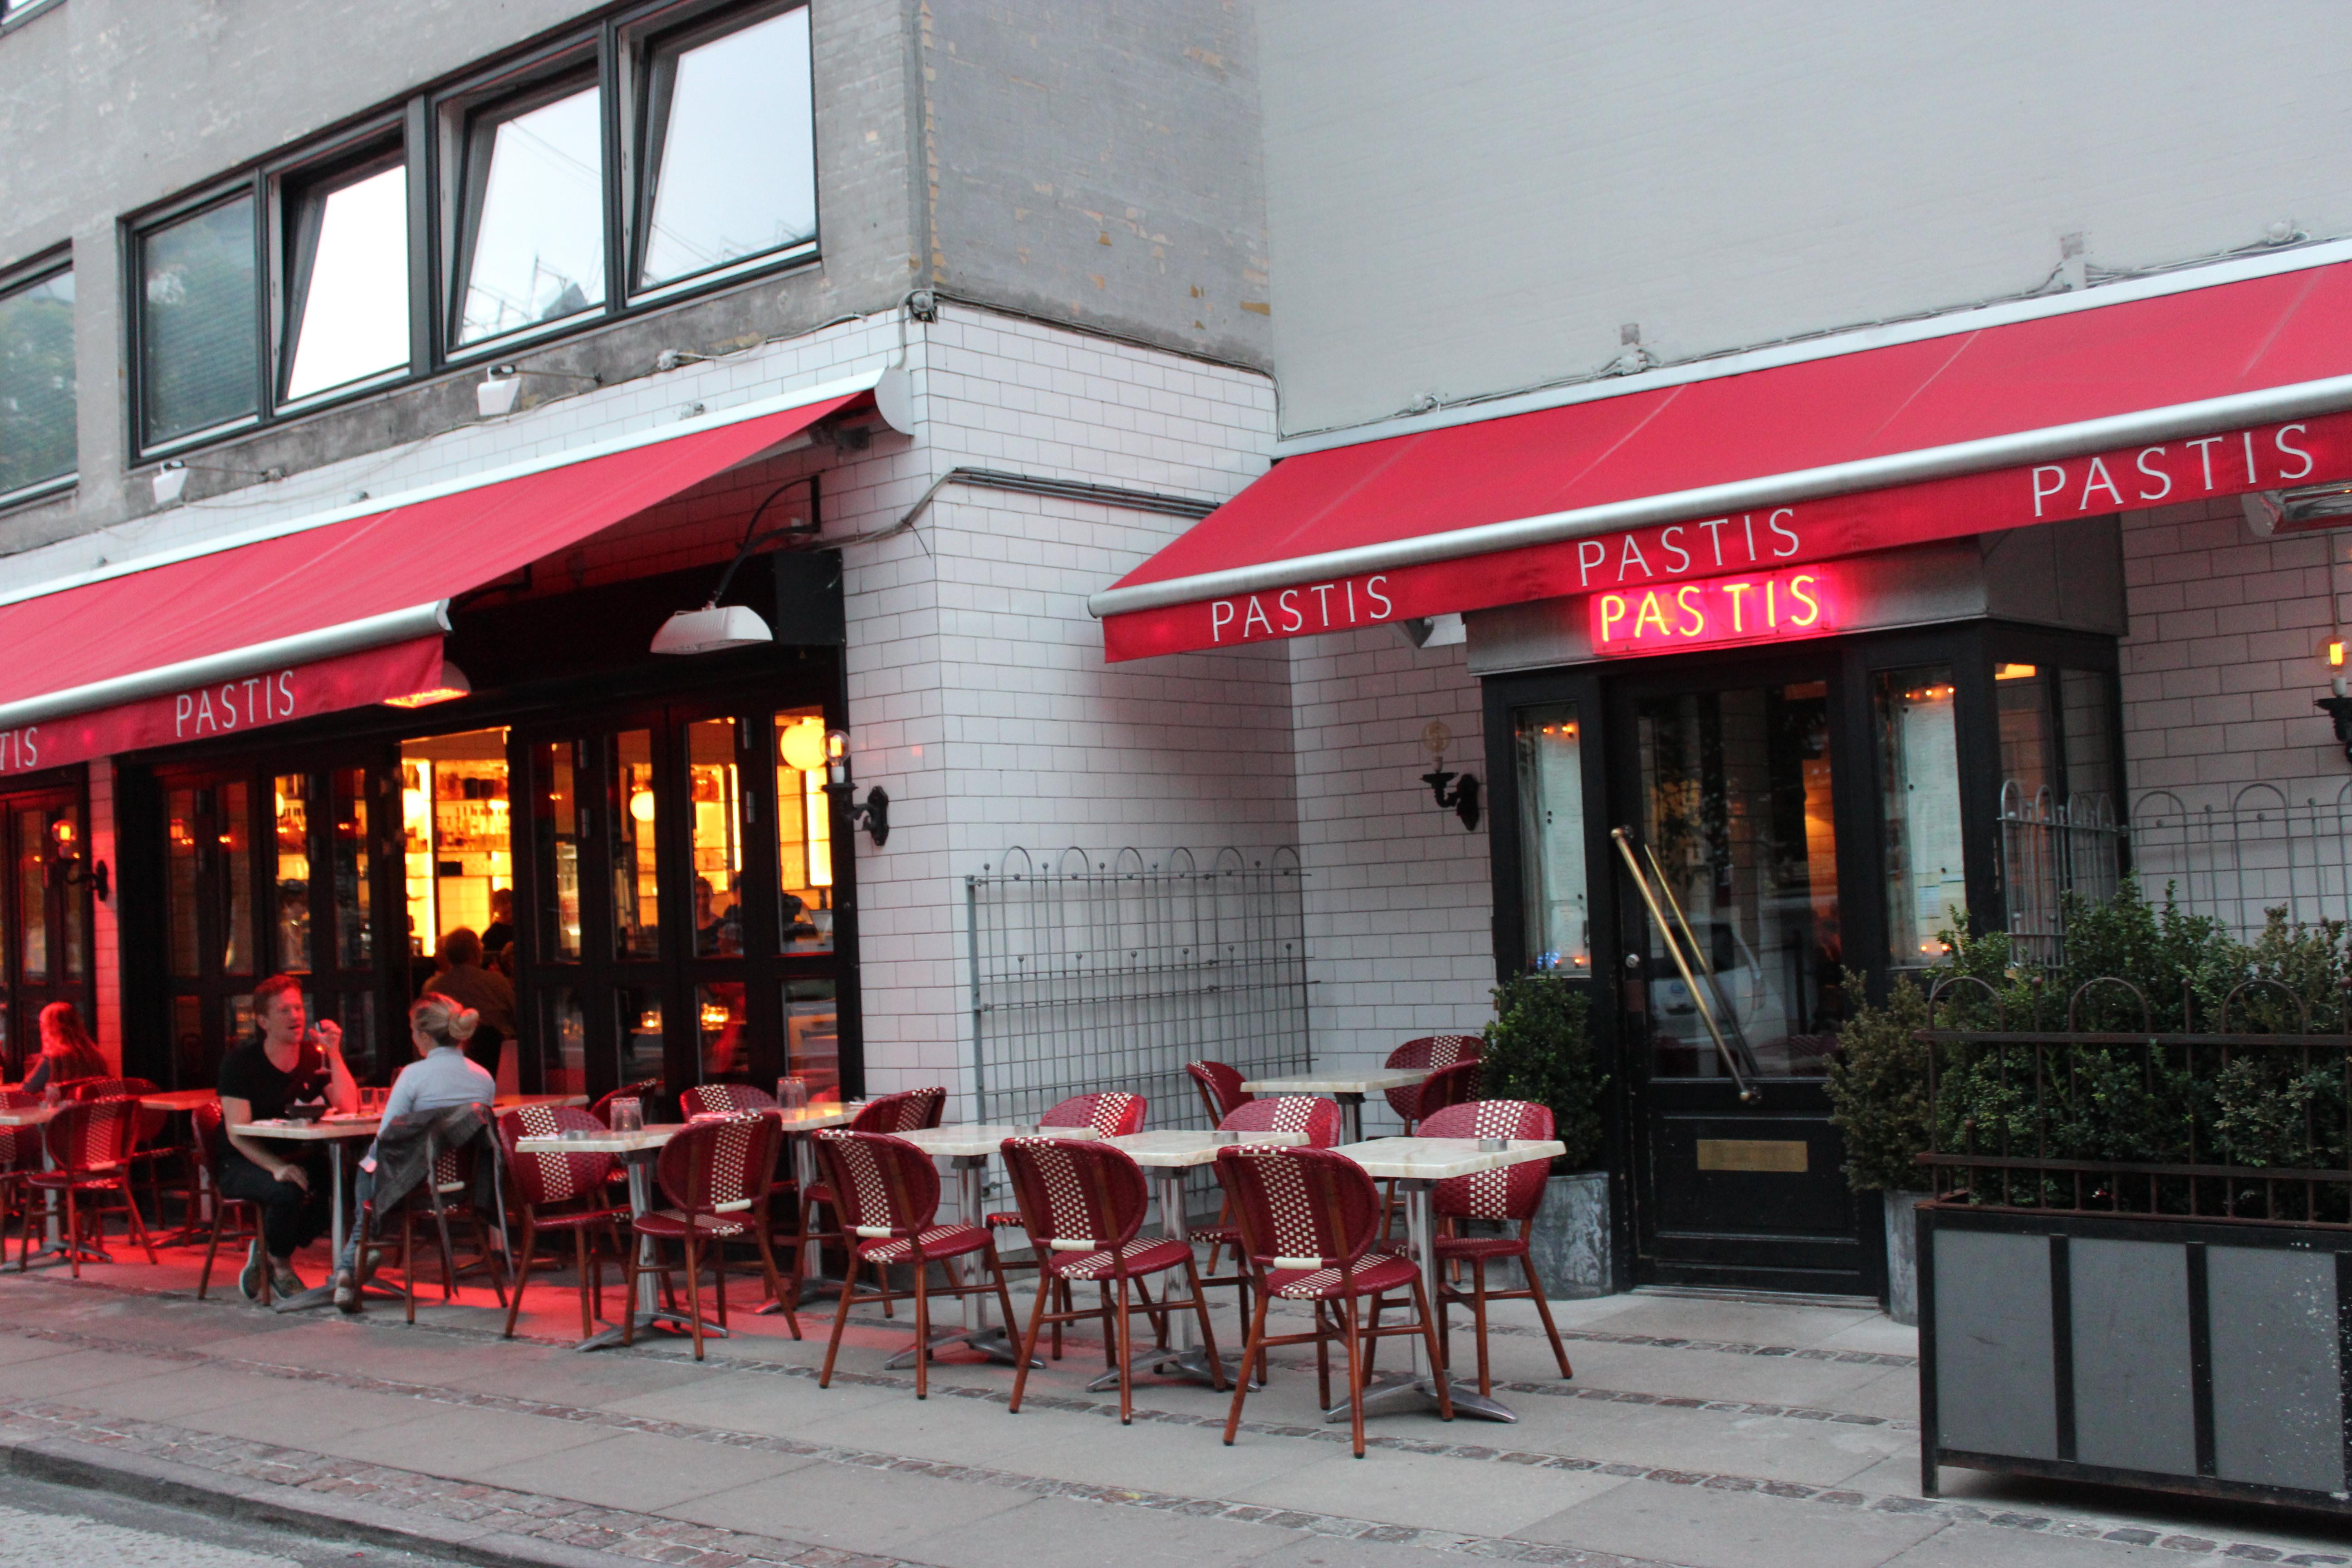 Fransk Cafe Kbh Circleskilllive